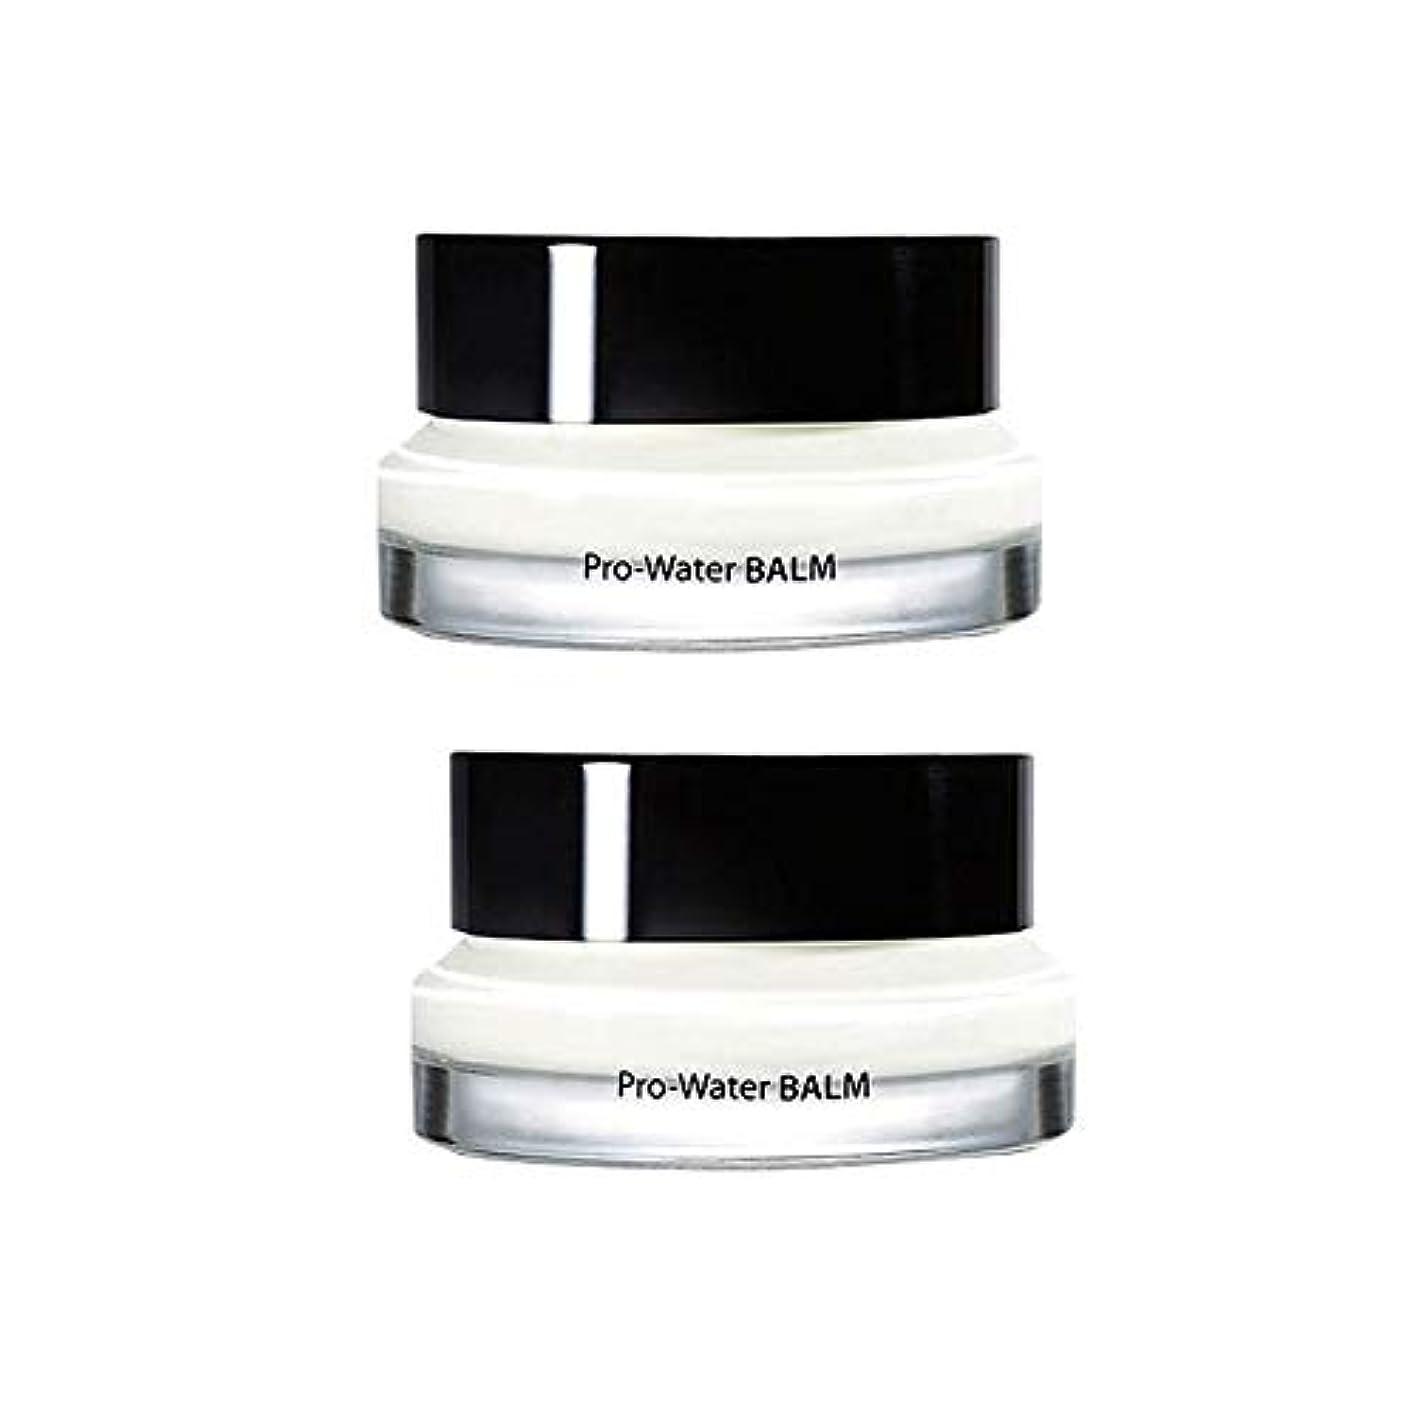 師匠植物学者ペルソナルナプロウォーターbalm 50mlx2本セット韓国コスメ、Luna Pro-Water Balm 50ml x 2ea Set Korean Cosmetics [並行輸入品]